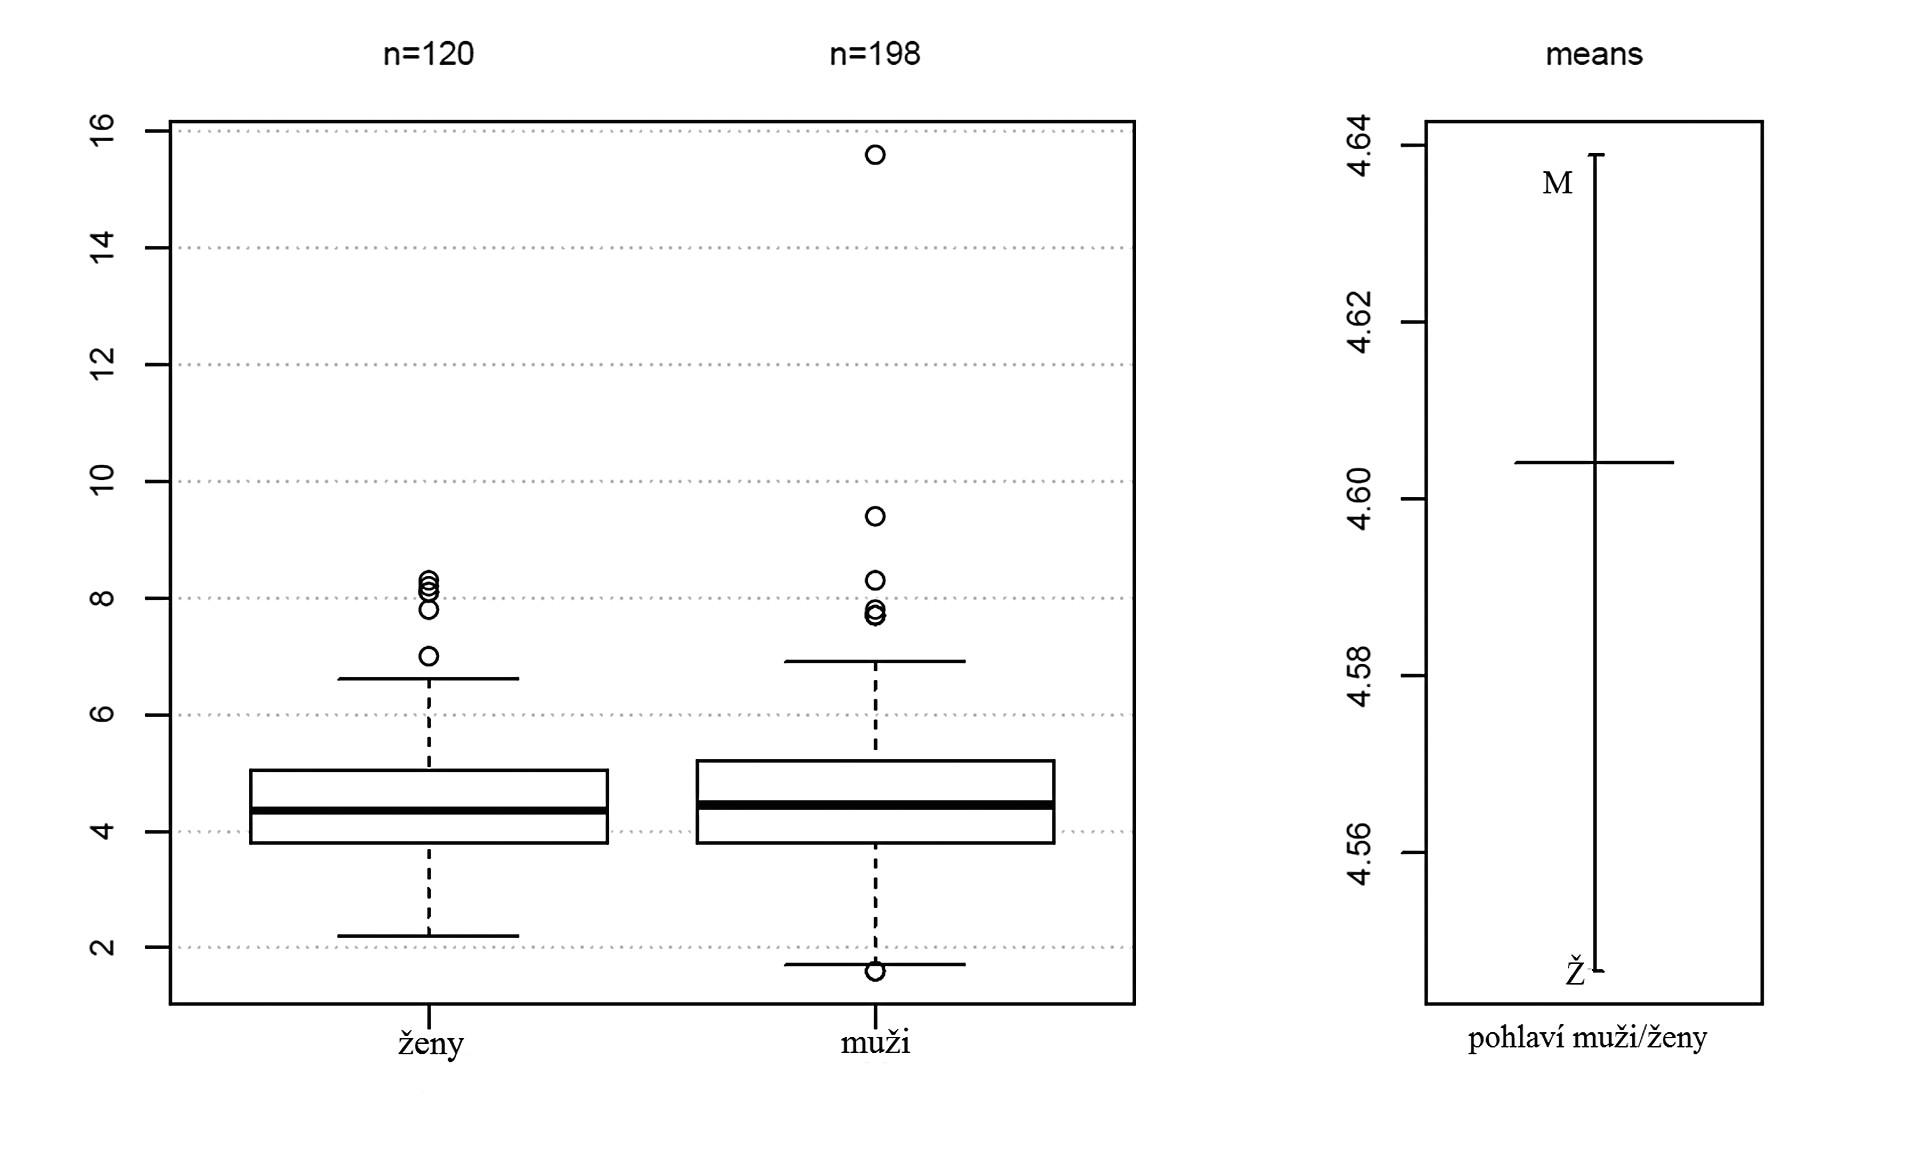 Rozložení hodnot glykémie před operací u mužů a žen